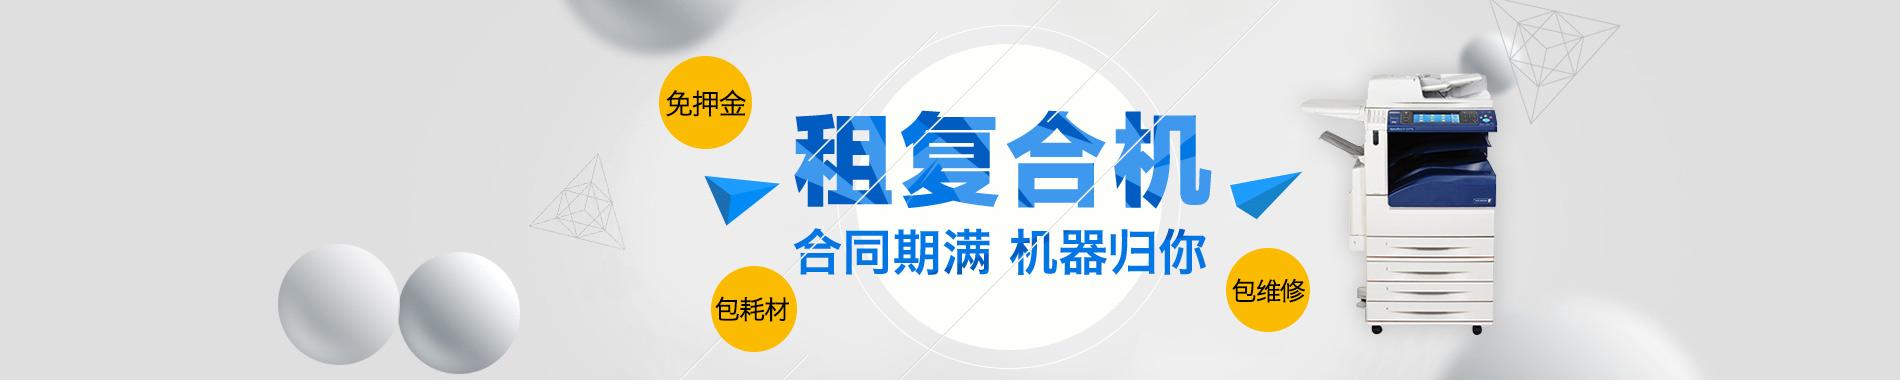 北京manbet万博注册万博体彩网页,易万博manbext网页版注册免押金包耗材包维修